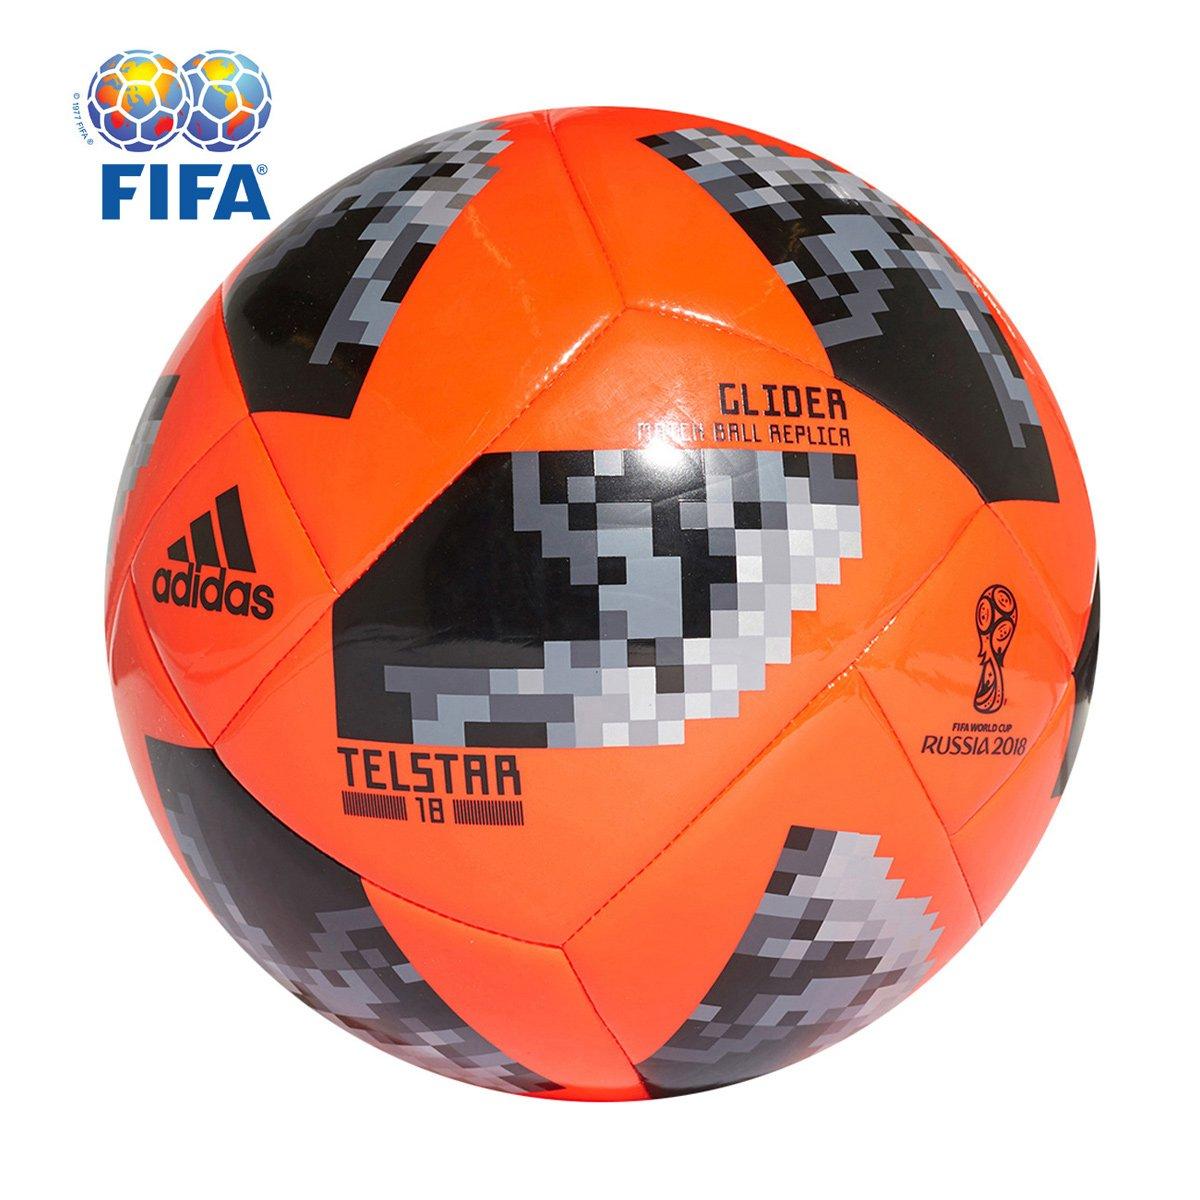 2b6f11e6e Bola Futebol Campo Adidas Telstar 18 Glider Copa do Mundo FIFA